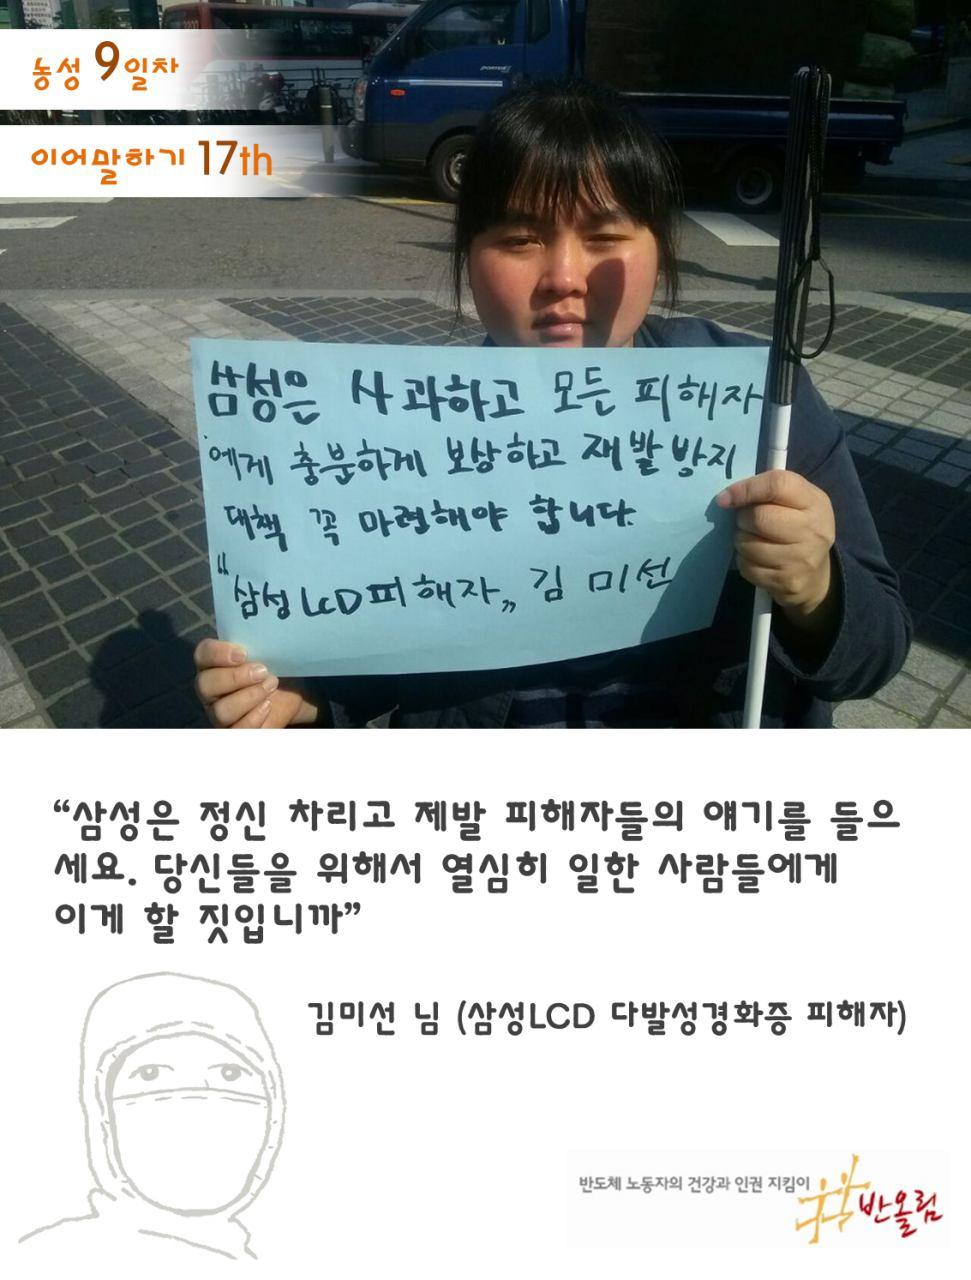 삼성 LCD 공장에서 일하다 '다발성 경화증'에 걸려 투병 중인 김미선씨. 이 병 때문에 시력을 잃어 시각장애인용 지팡이를 짚고 반올림 농성장에 찾아오신다.